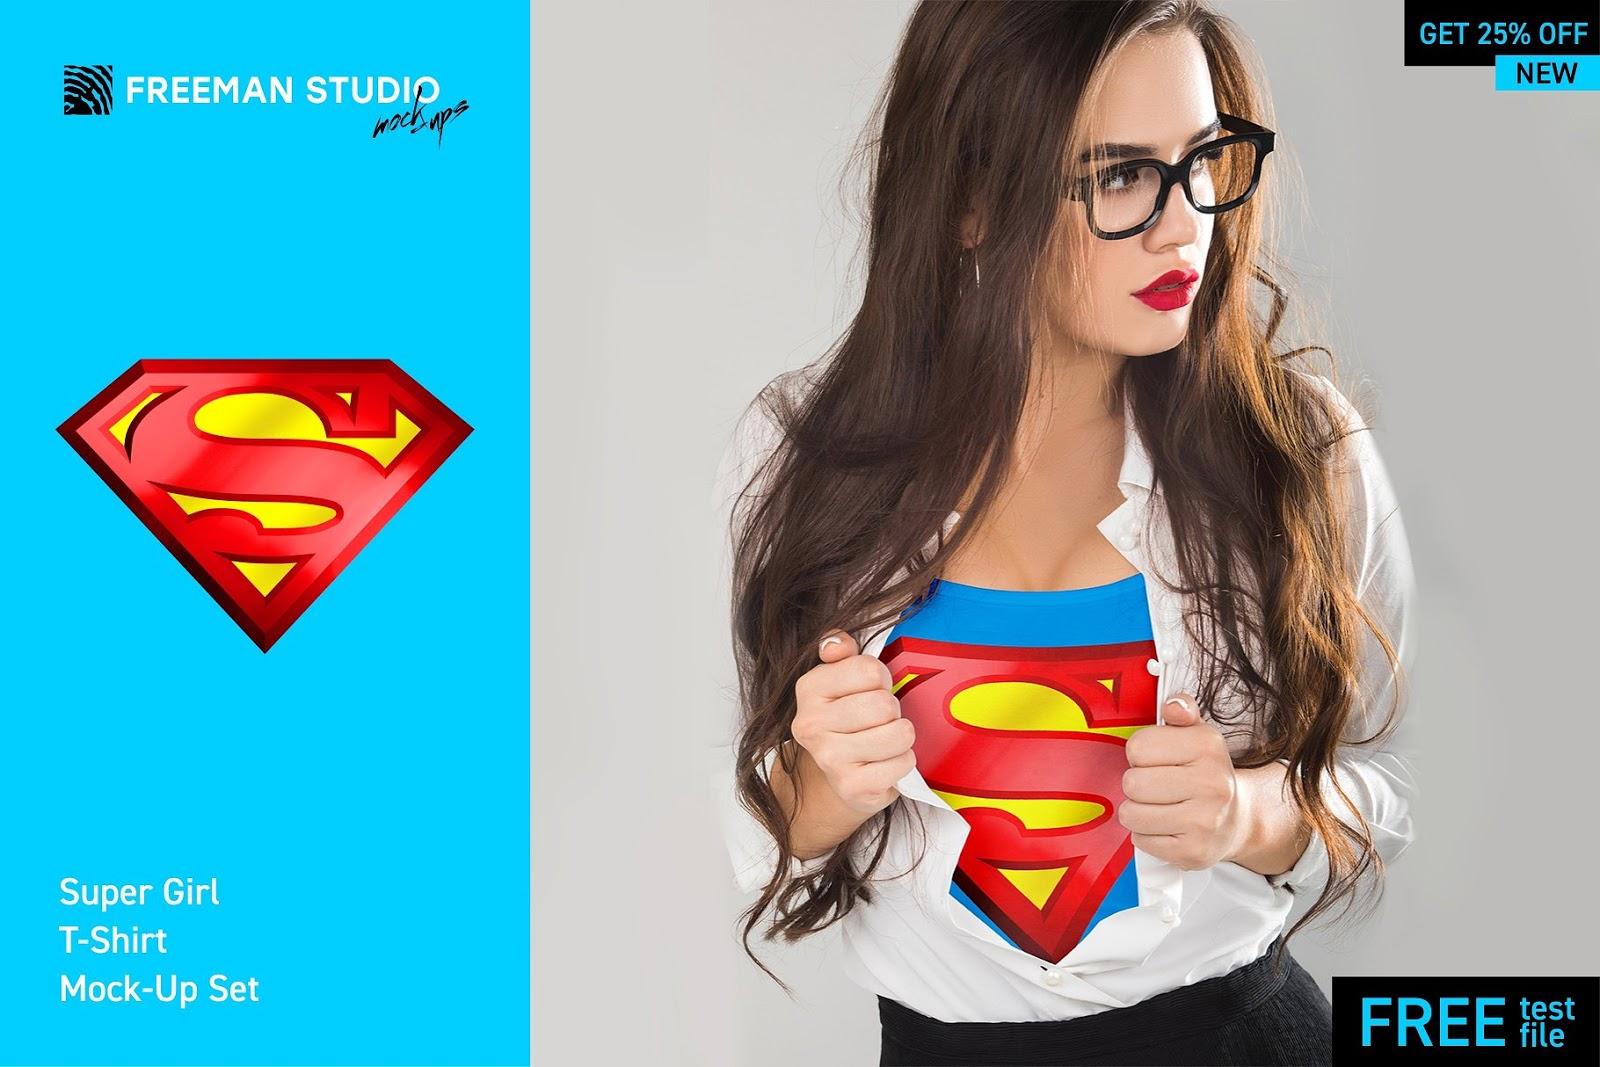 Super Girl T-Shirt Mockups